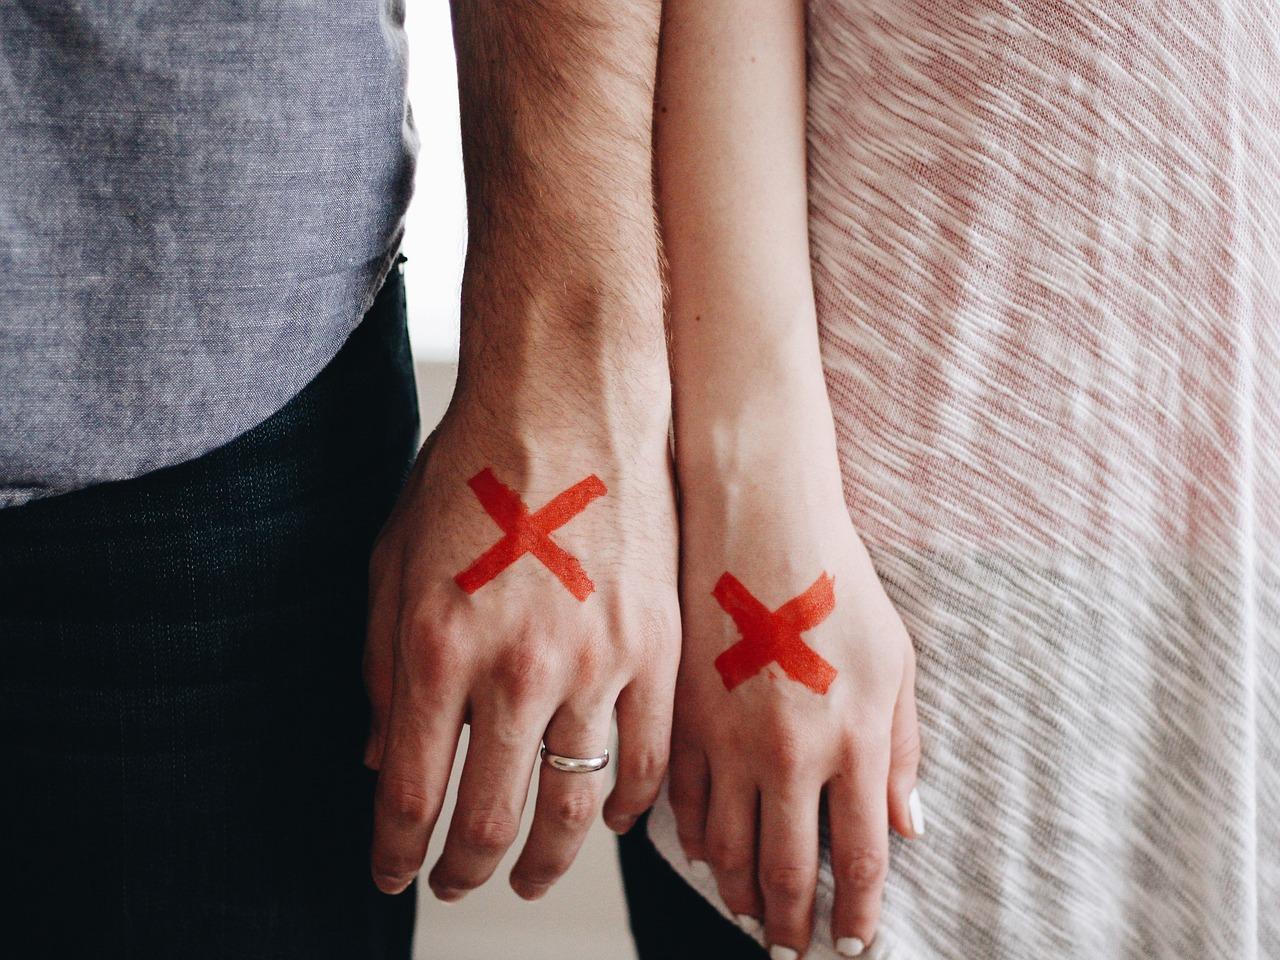 離婚相談は弁護士に絶対しないほうがいい2つの理由